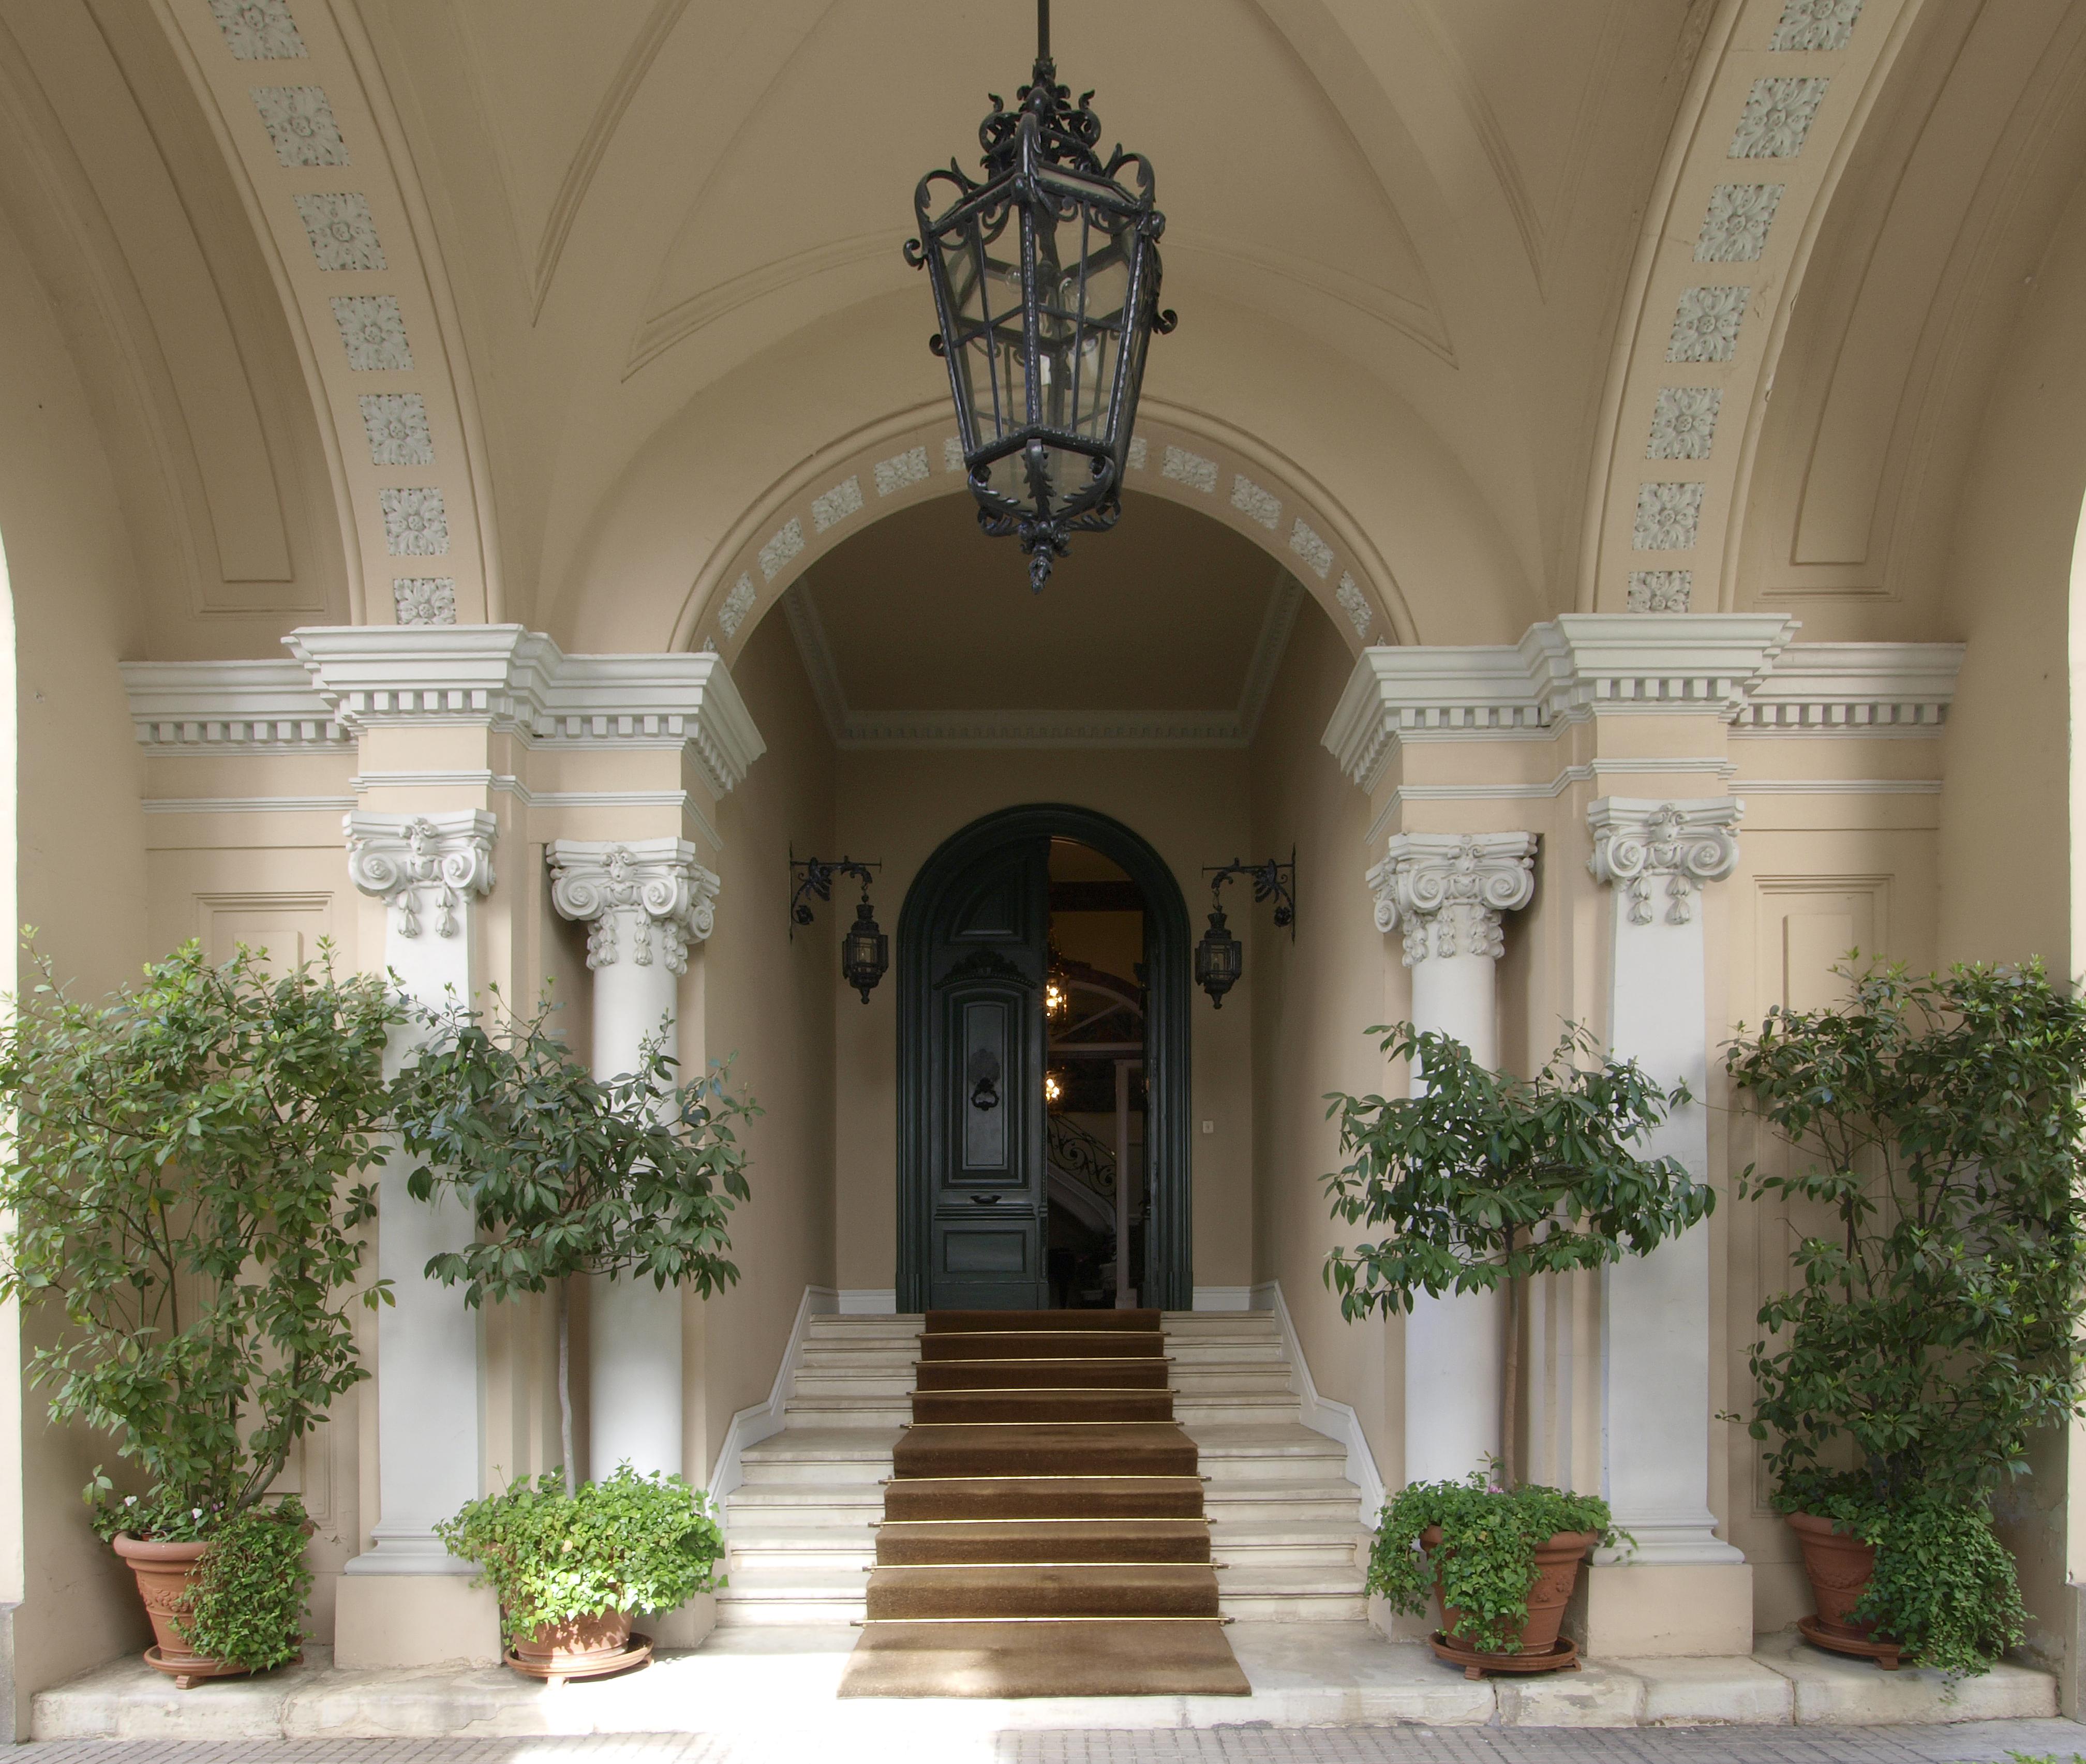 Palacete del marqués de Rafal.